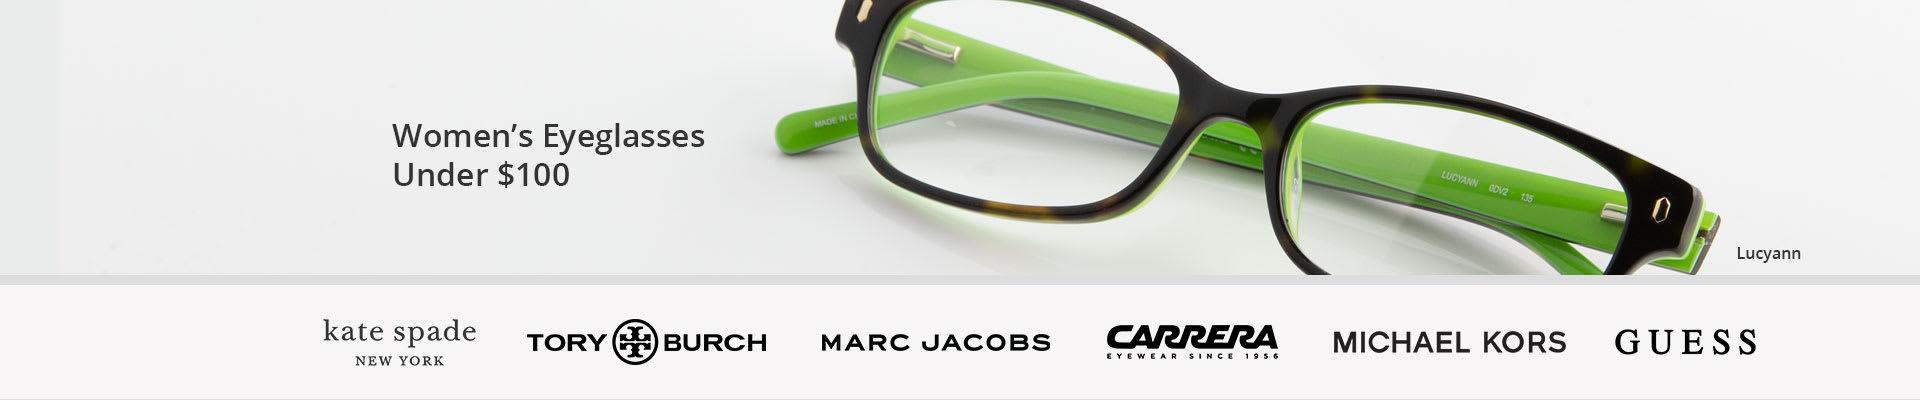 94844af9de49 Women's Eyeglasses Under $100 | FramesDirect